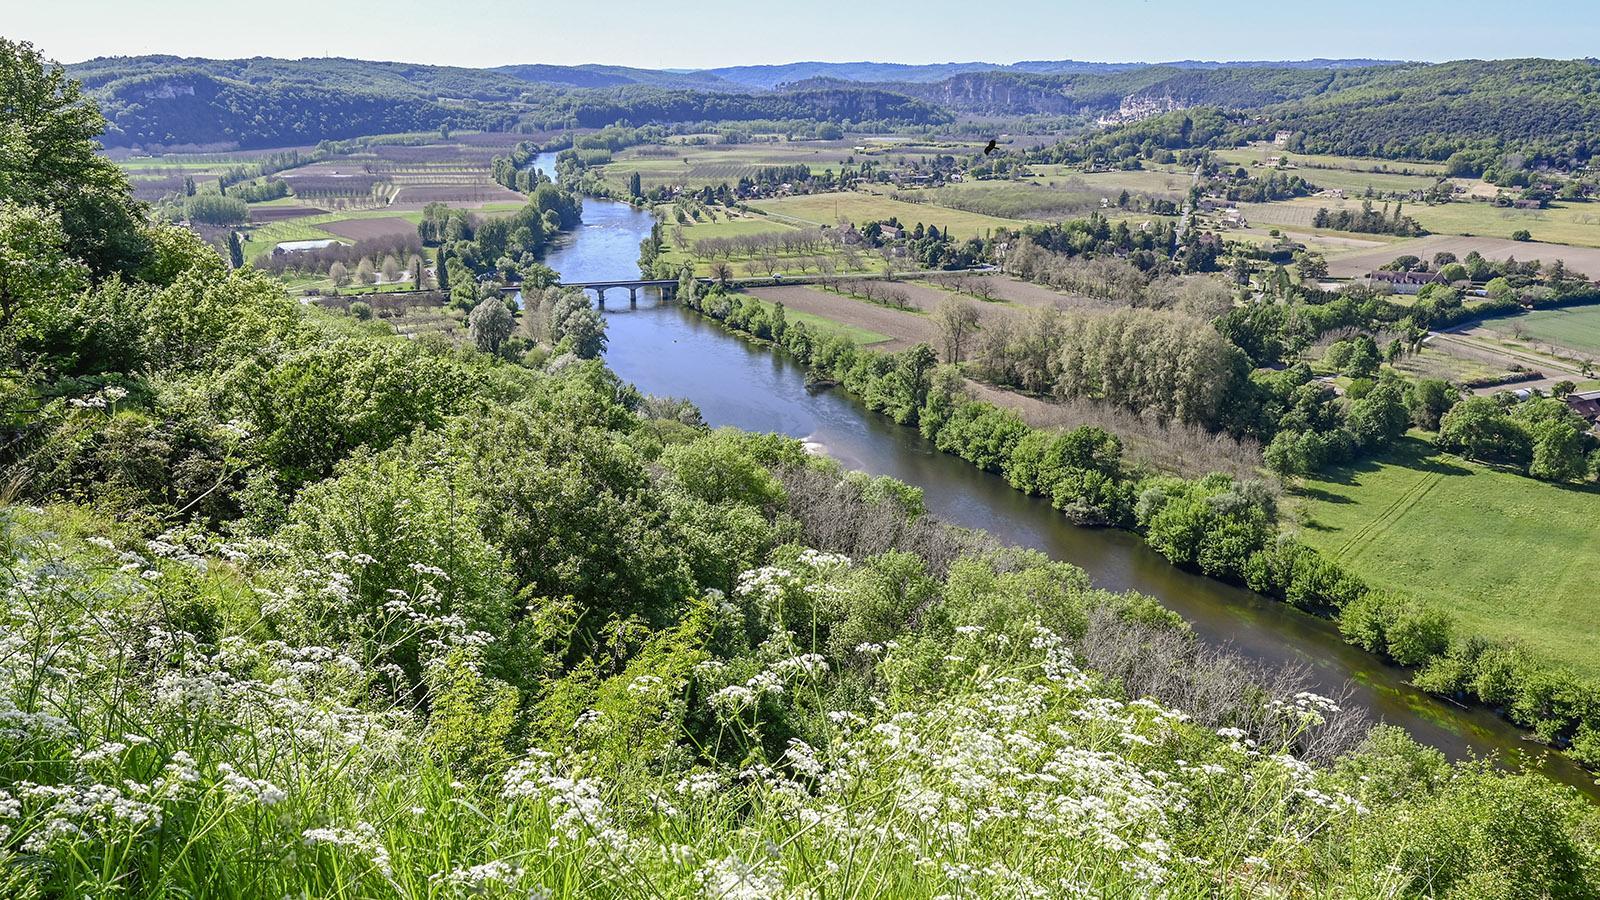 Paradeblick von der Bastide Domme auf die Dordogne. Foto: Hilke Maunder